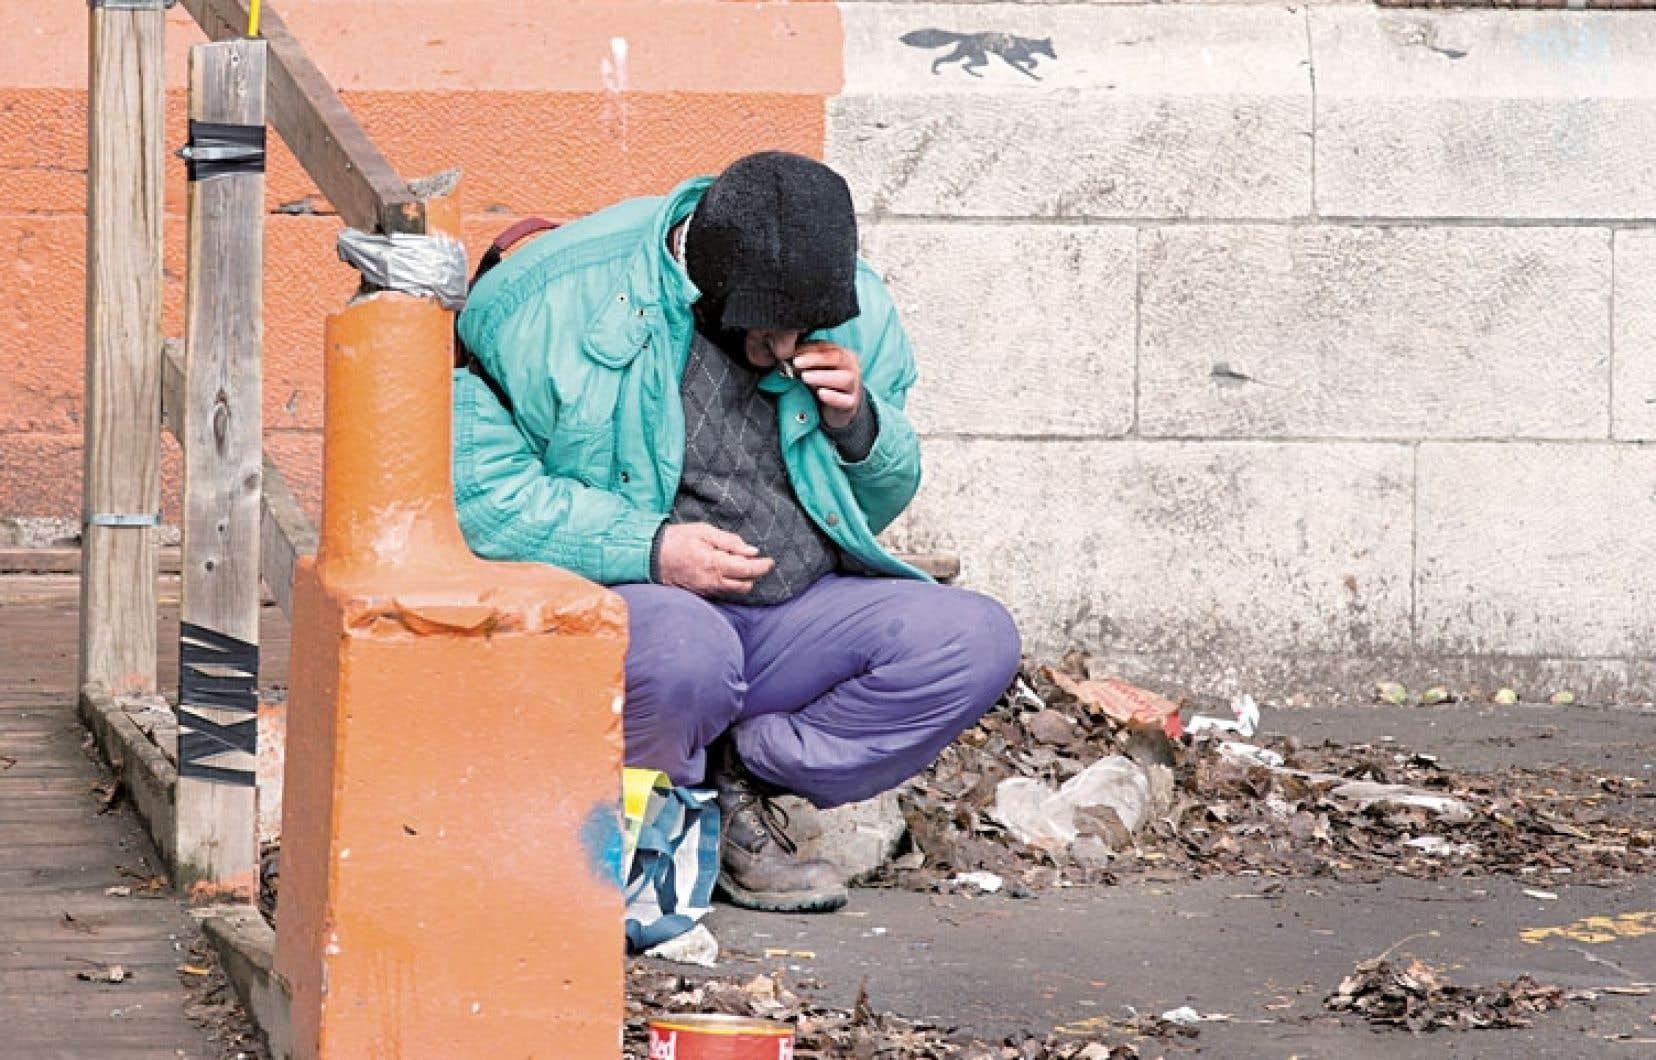 Depuis près de 20 ans, la judiciarisation et la pénalisation sont apparues comme des réponses utiles et nécessaires pour mettre fin à la présence des personnes en situation d'itinérance dans les rues.